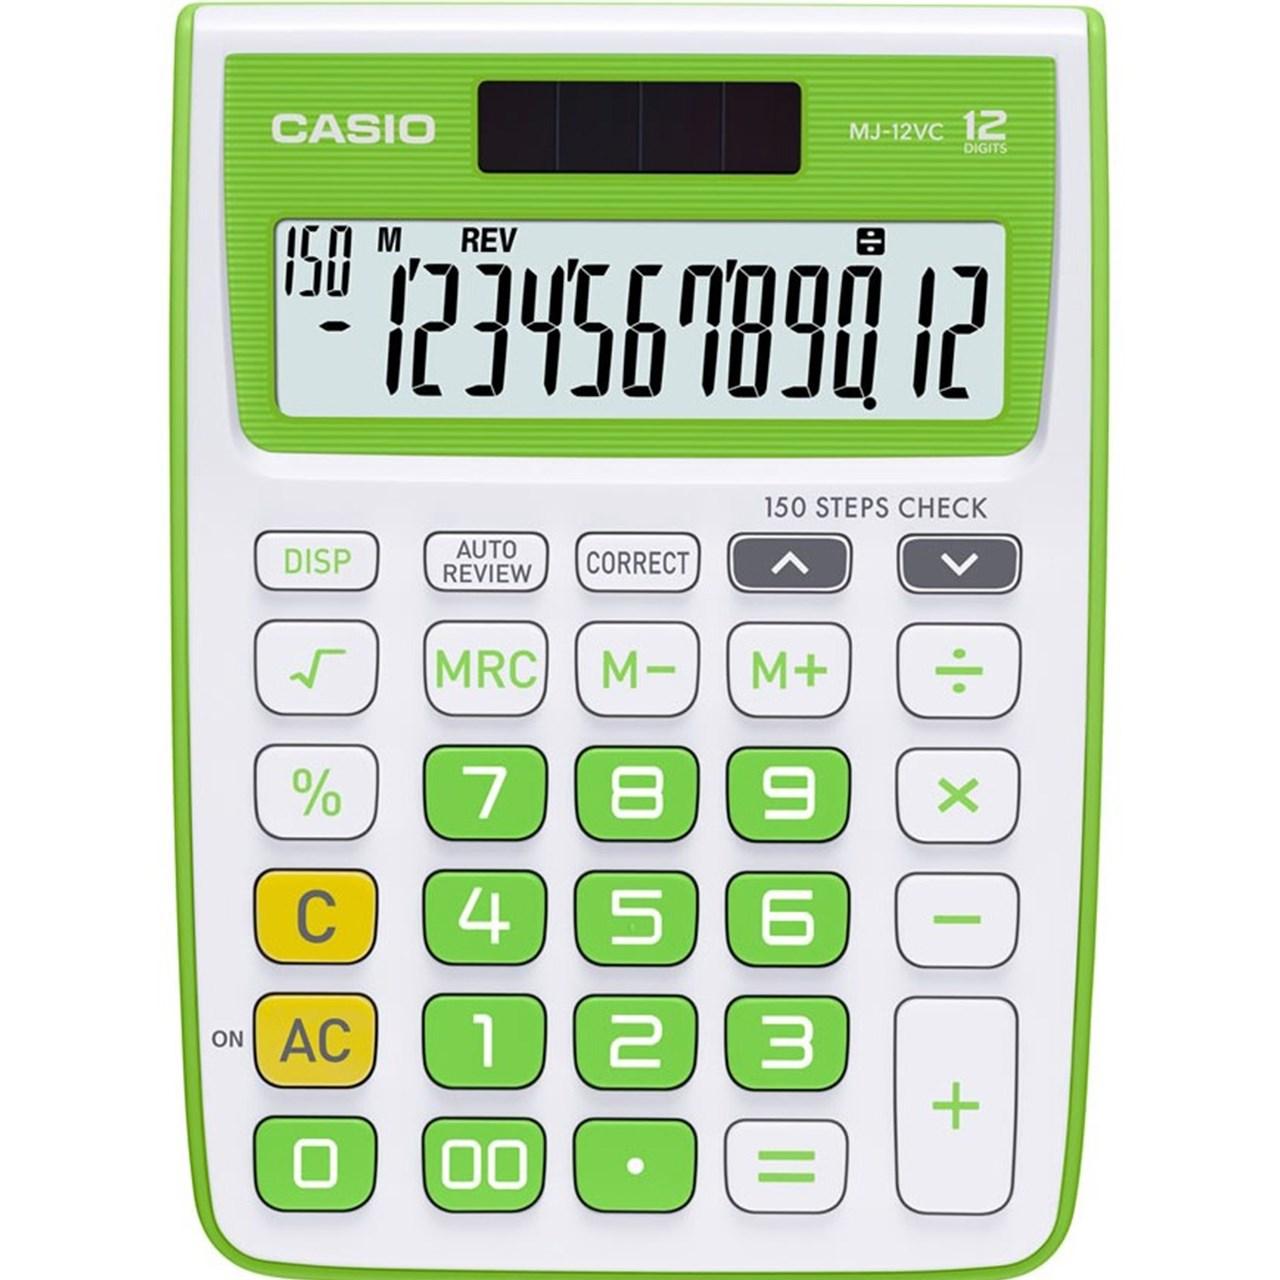 قیمت                      ماشین حساب کاسیو مدل MJ-12VC